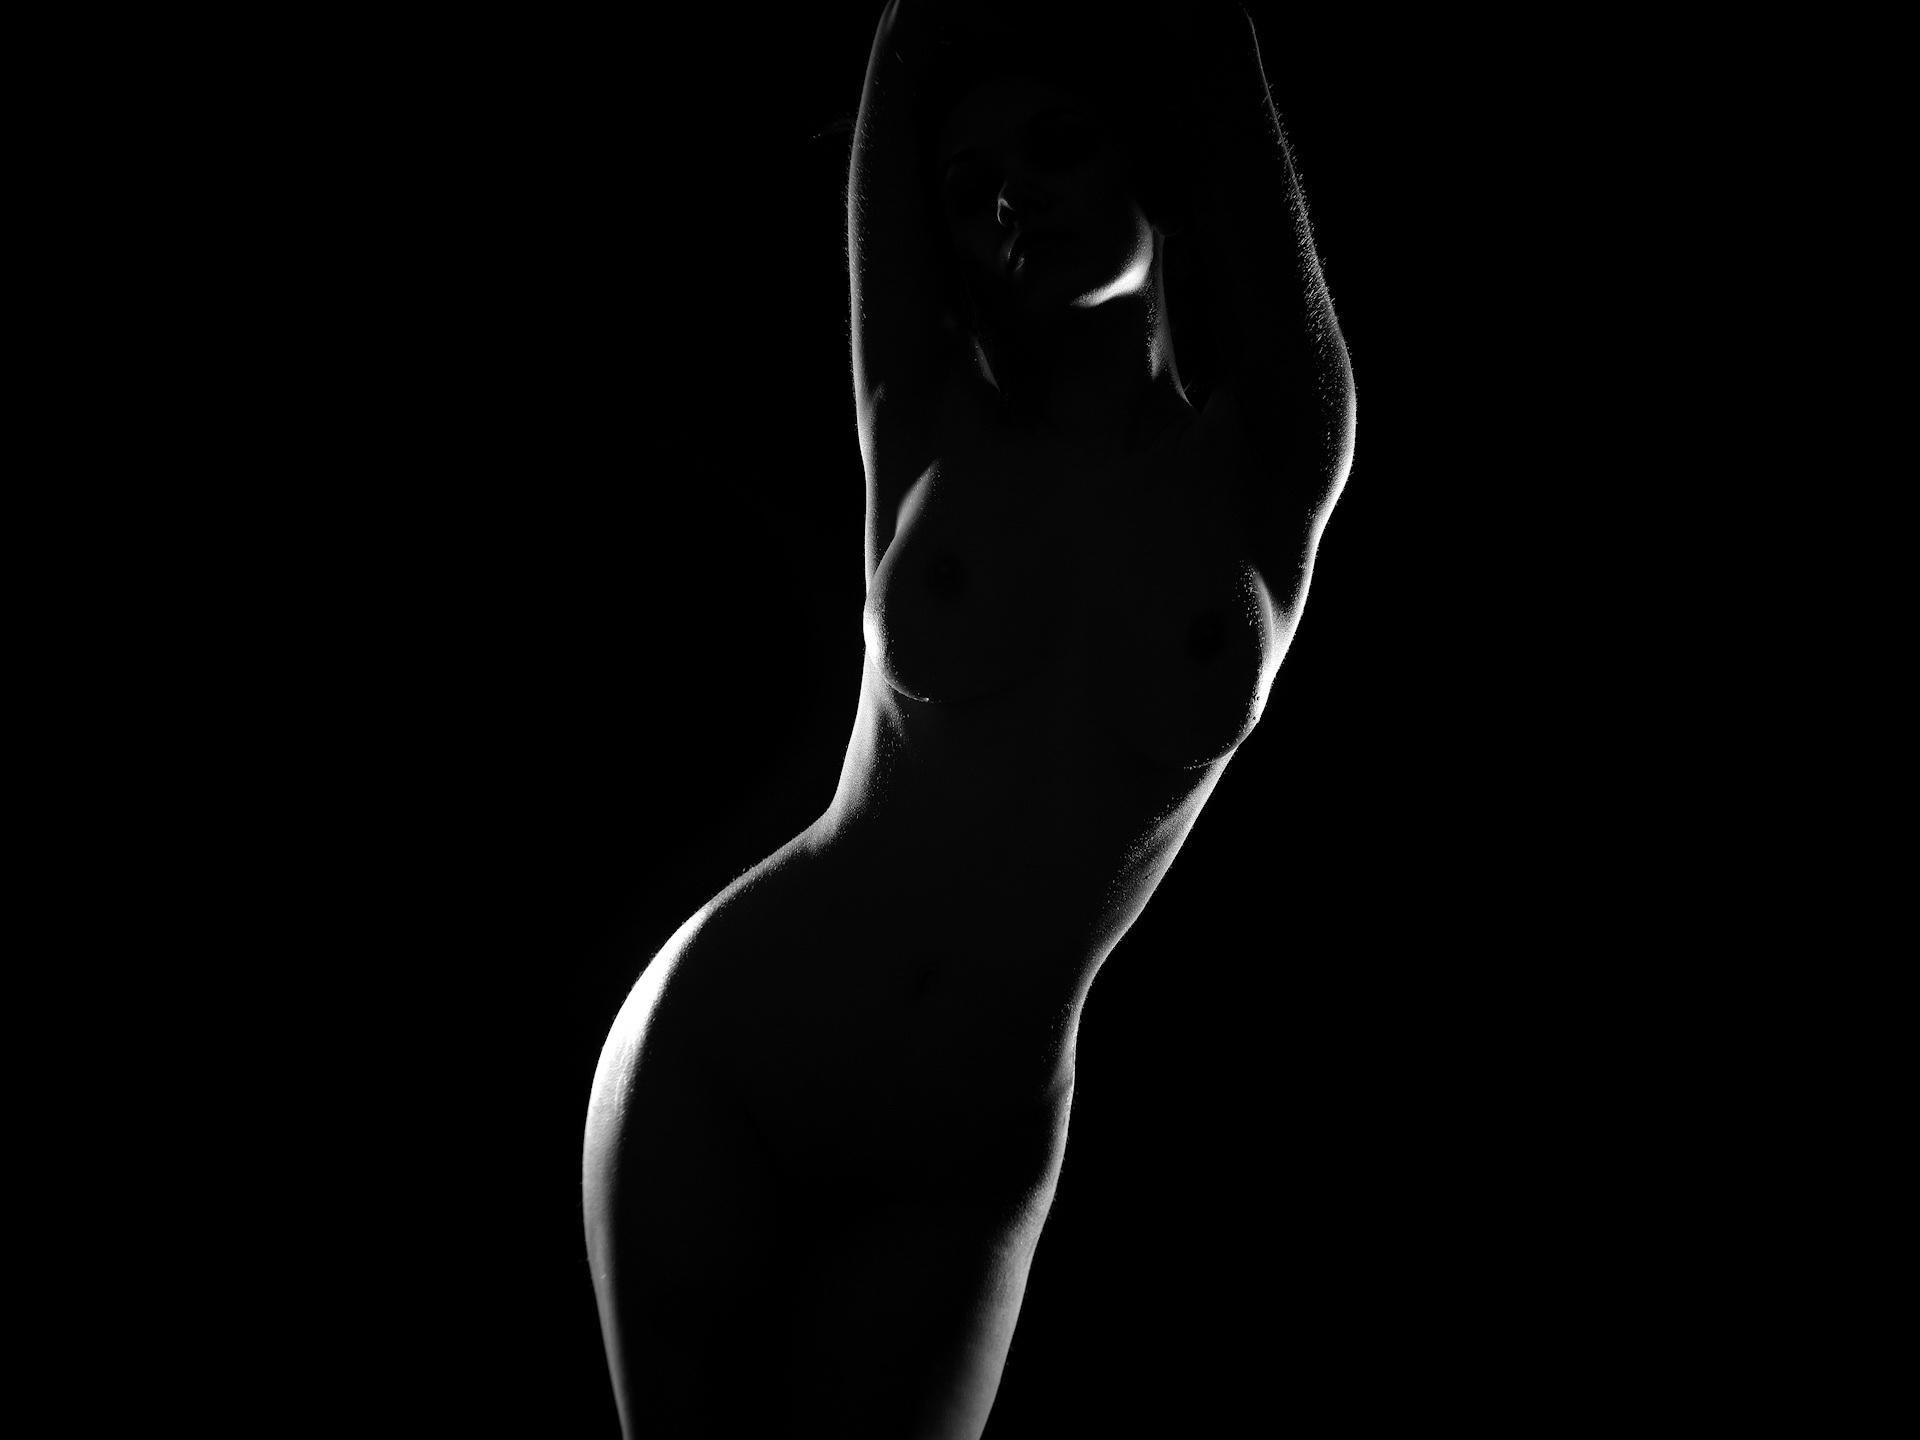 Женское-тело